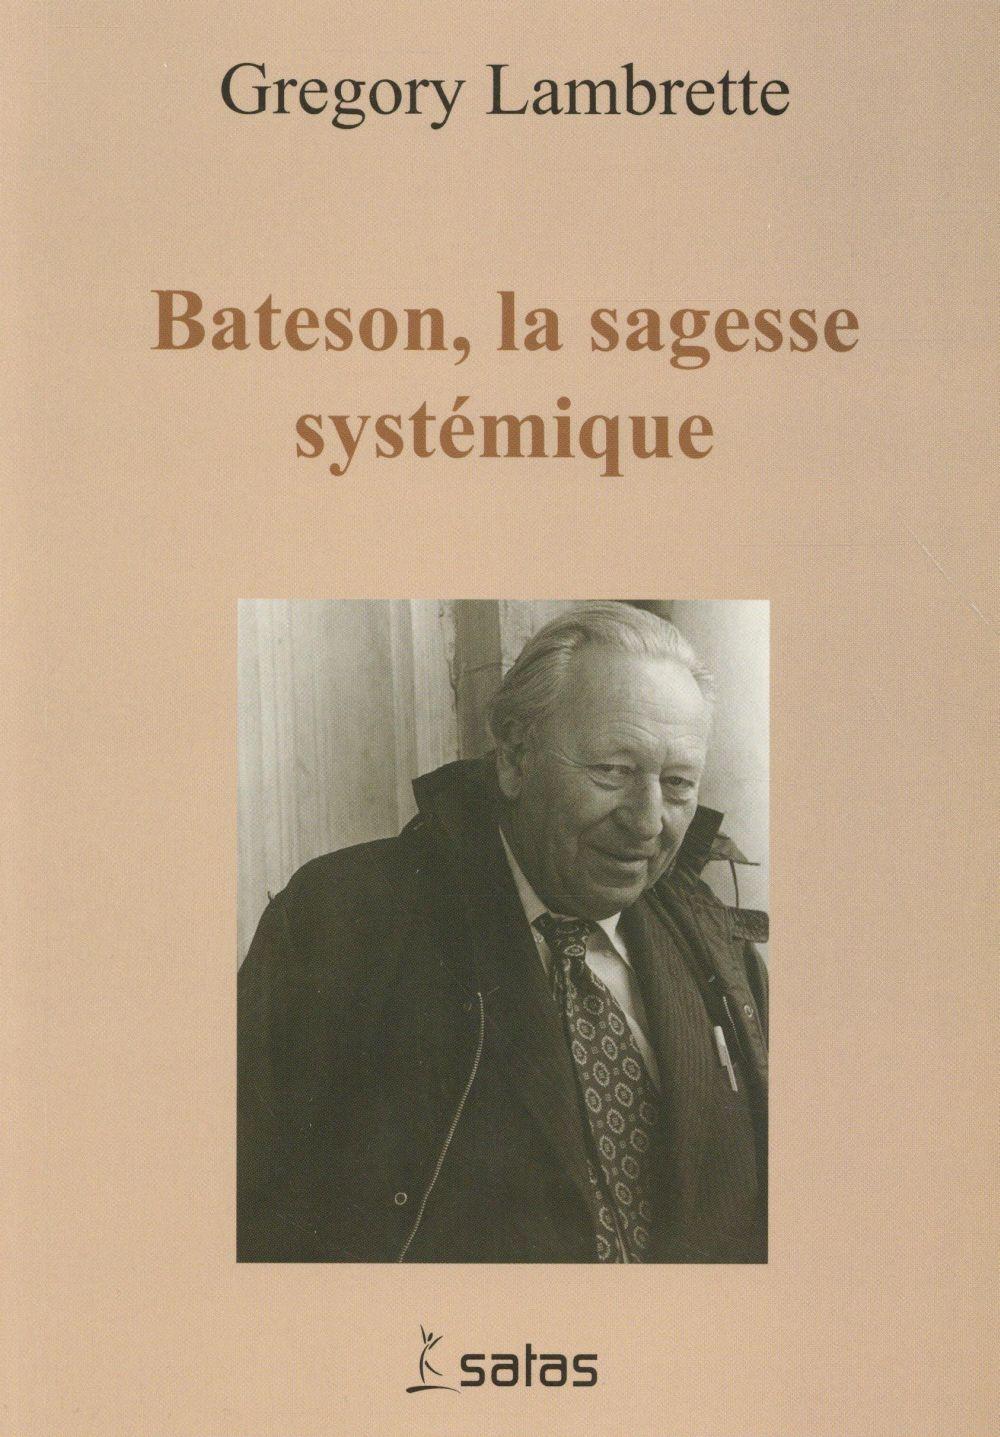 BATESON, LA SAGESSE SYSTEMIQUE